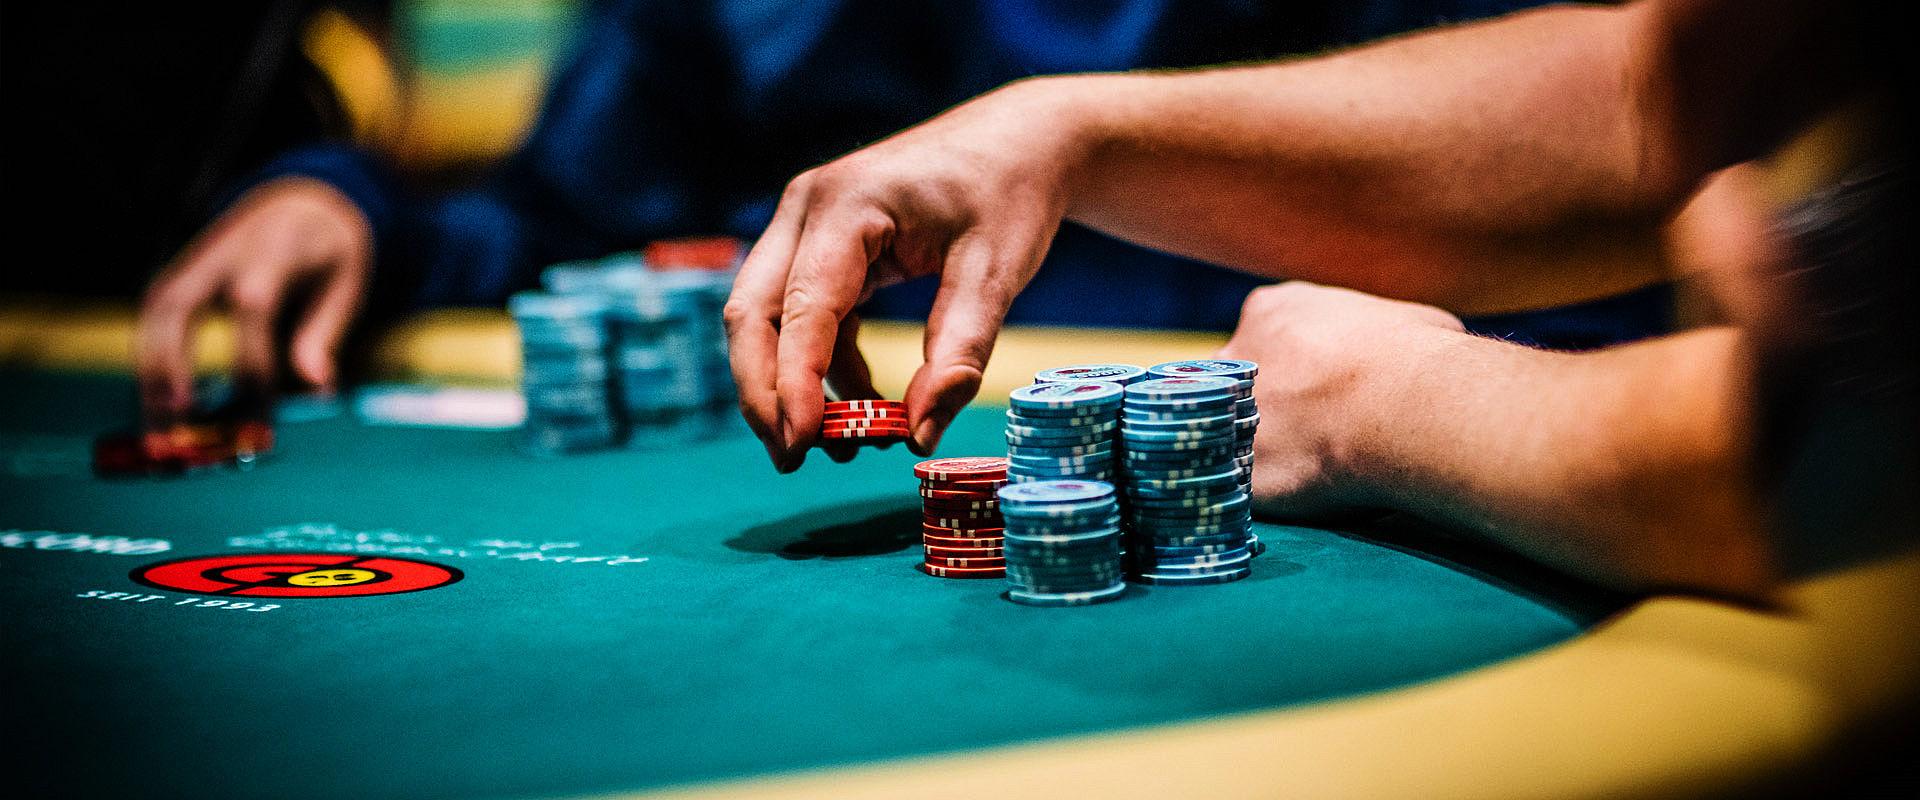 Poker Spielen Wien